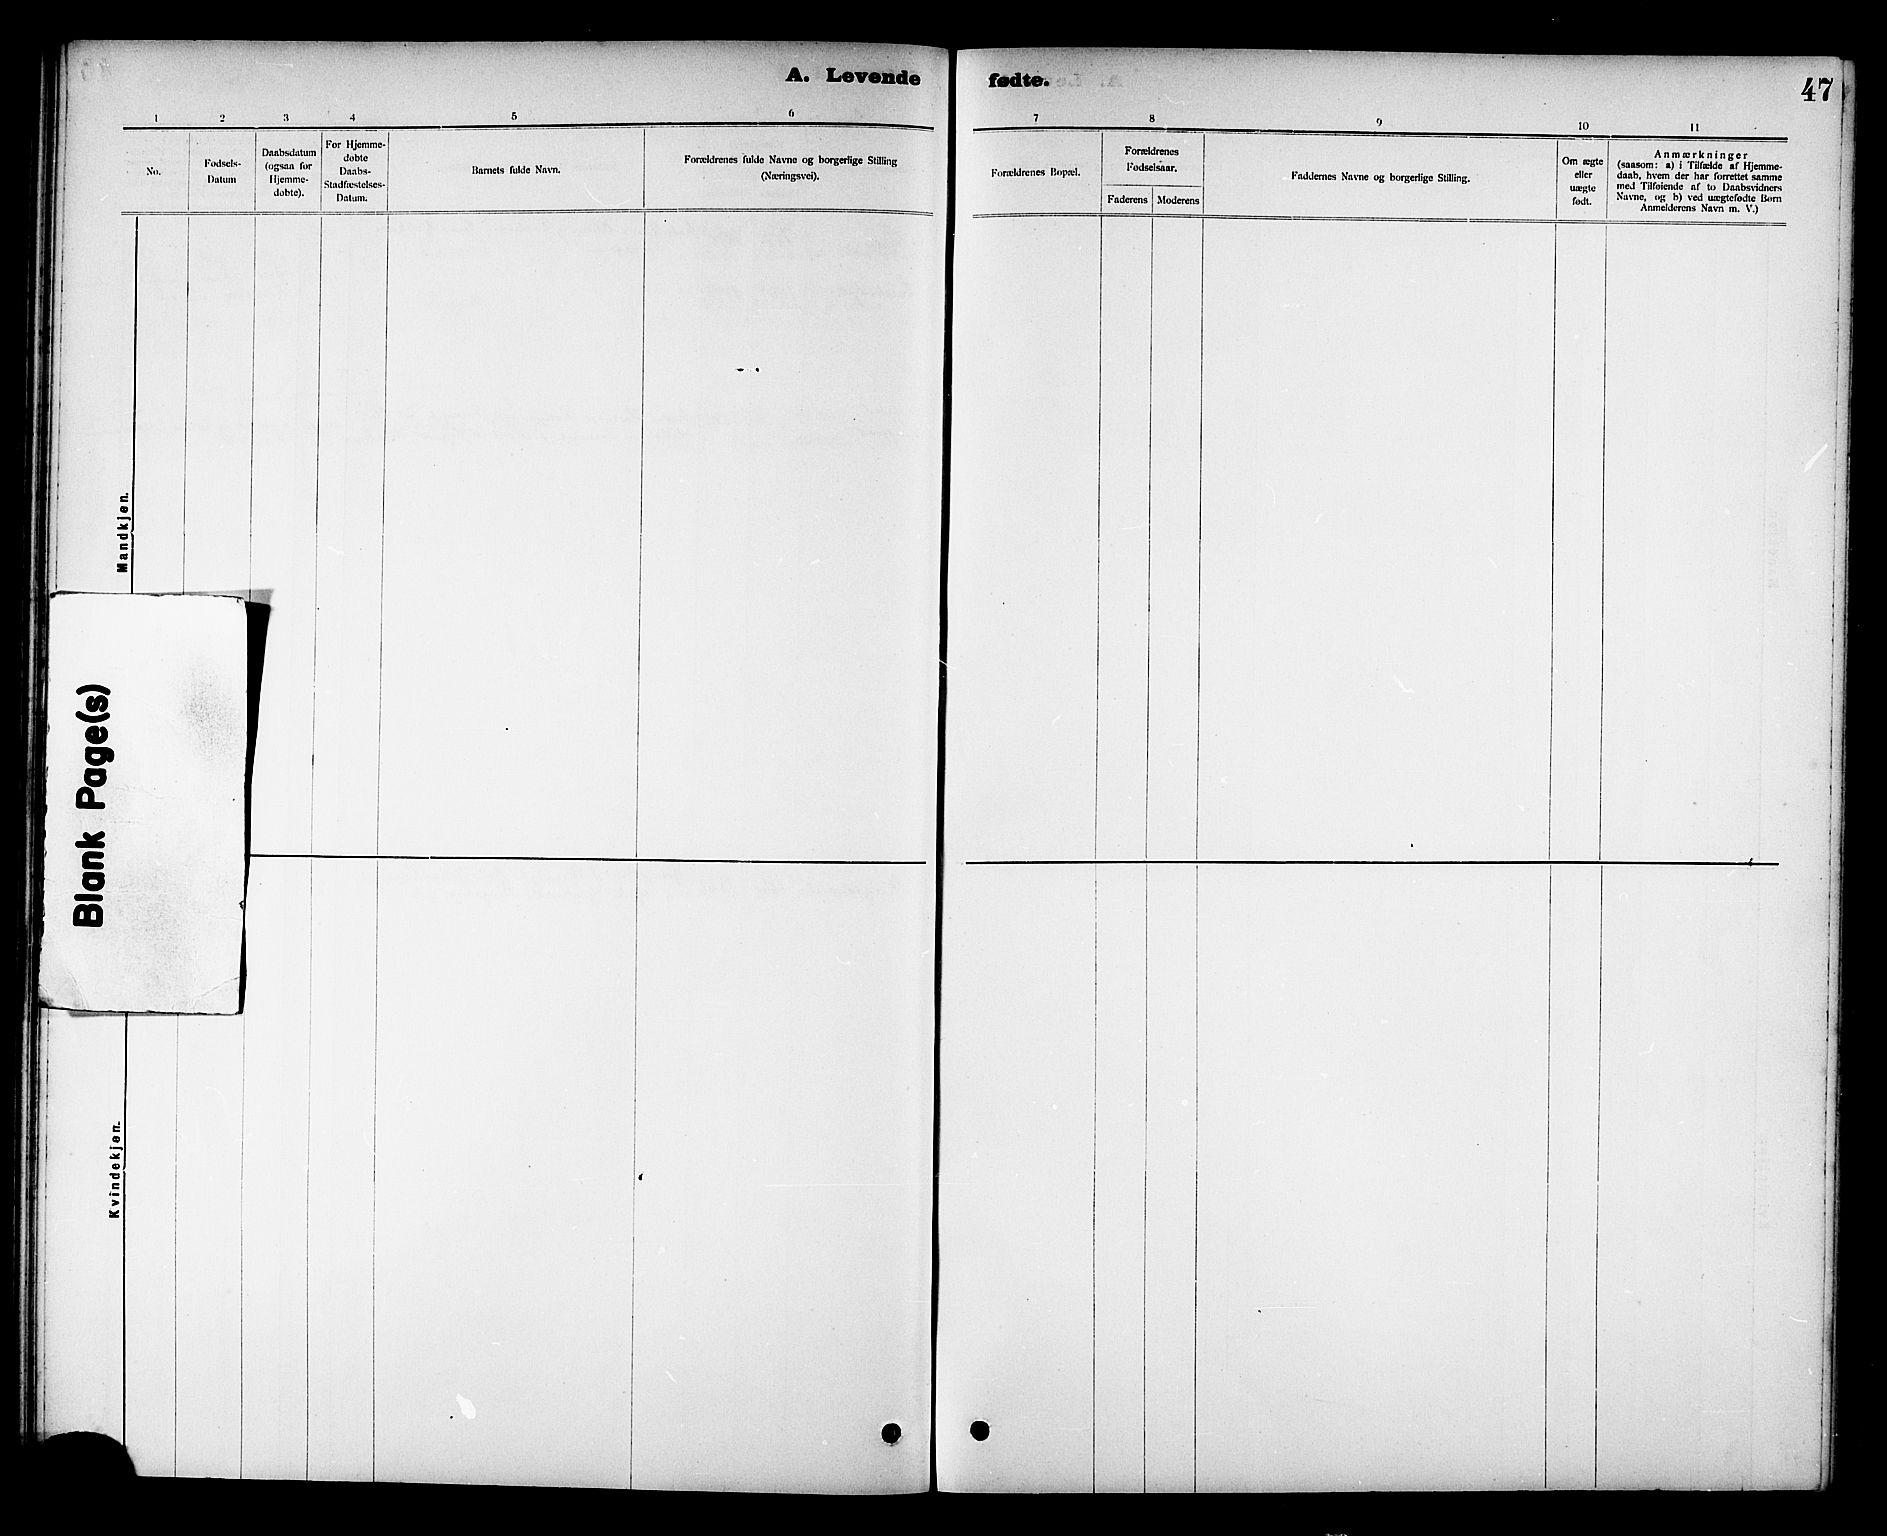 SAT, Ministerialprotokoller, klokkerbøker og fødselsregistre - Nord-Trøndelag, 780/L0652: Klokkerbok nr. 780C04, 1899-1911, s. 47